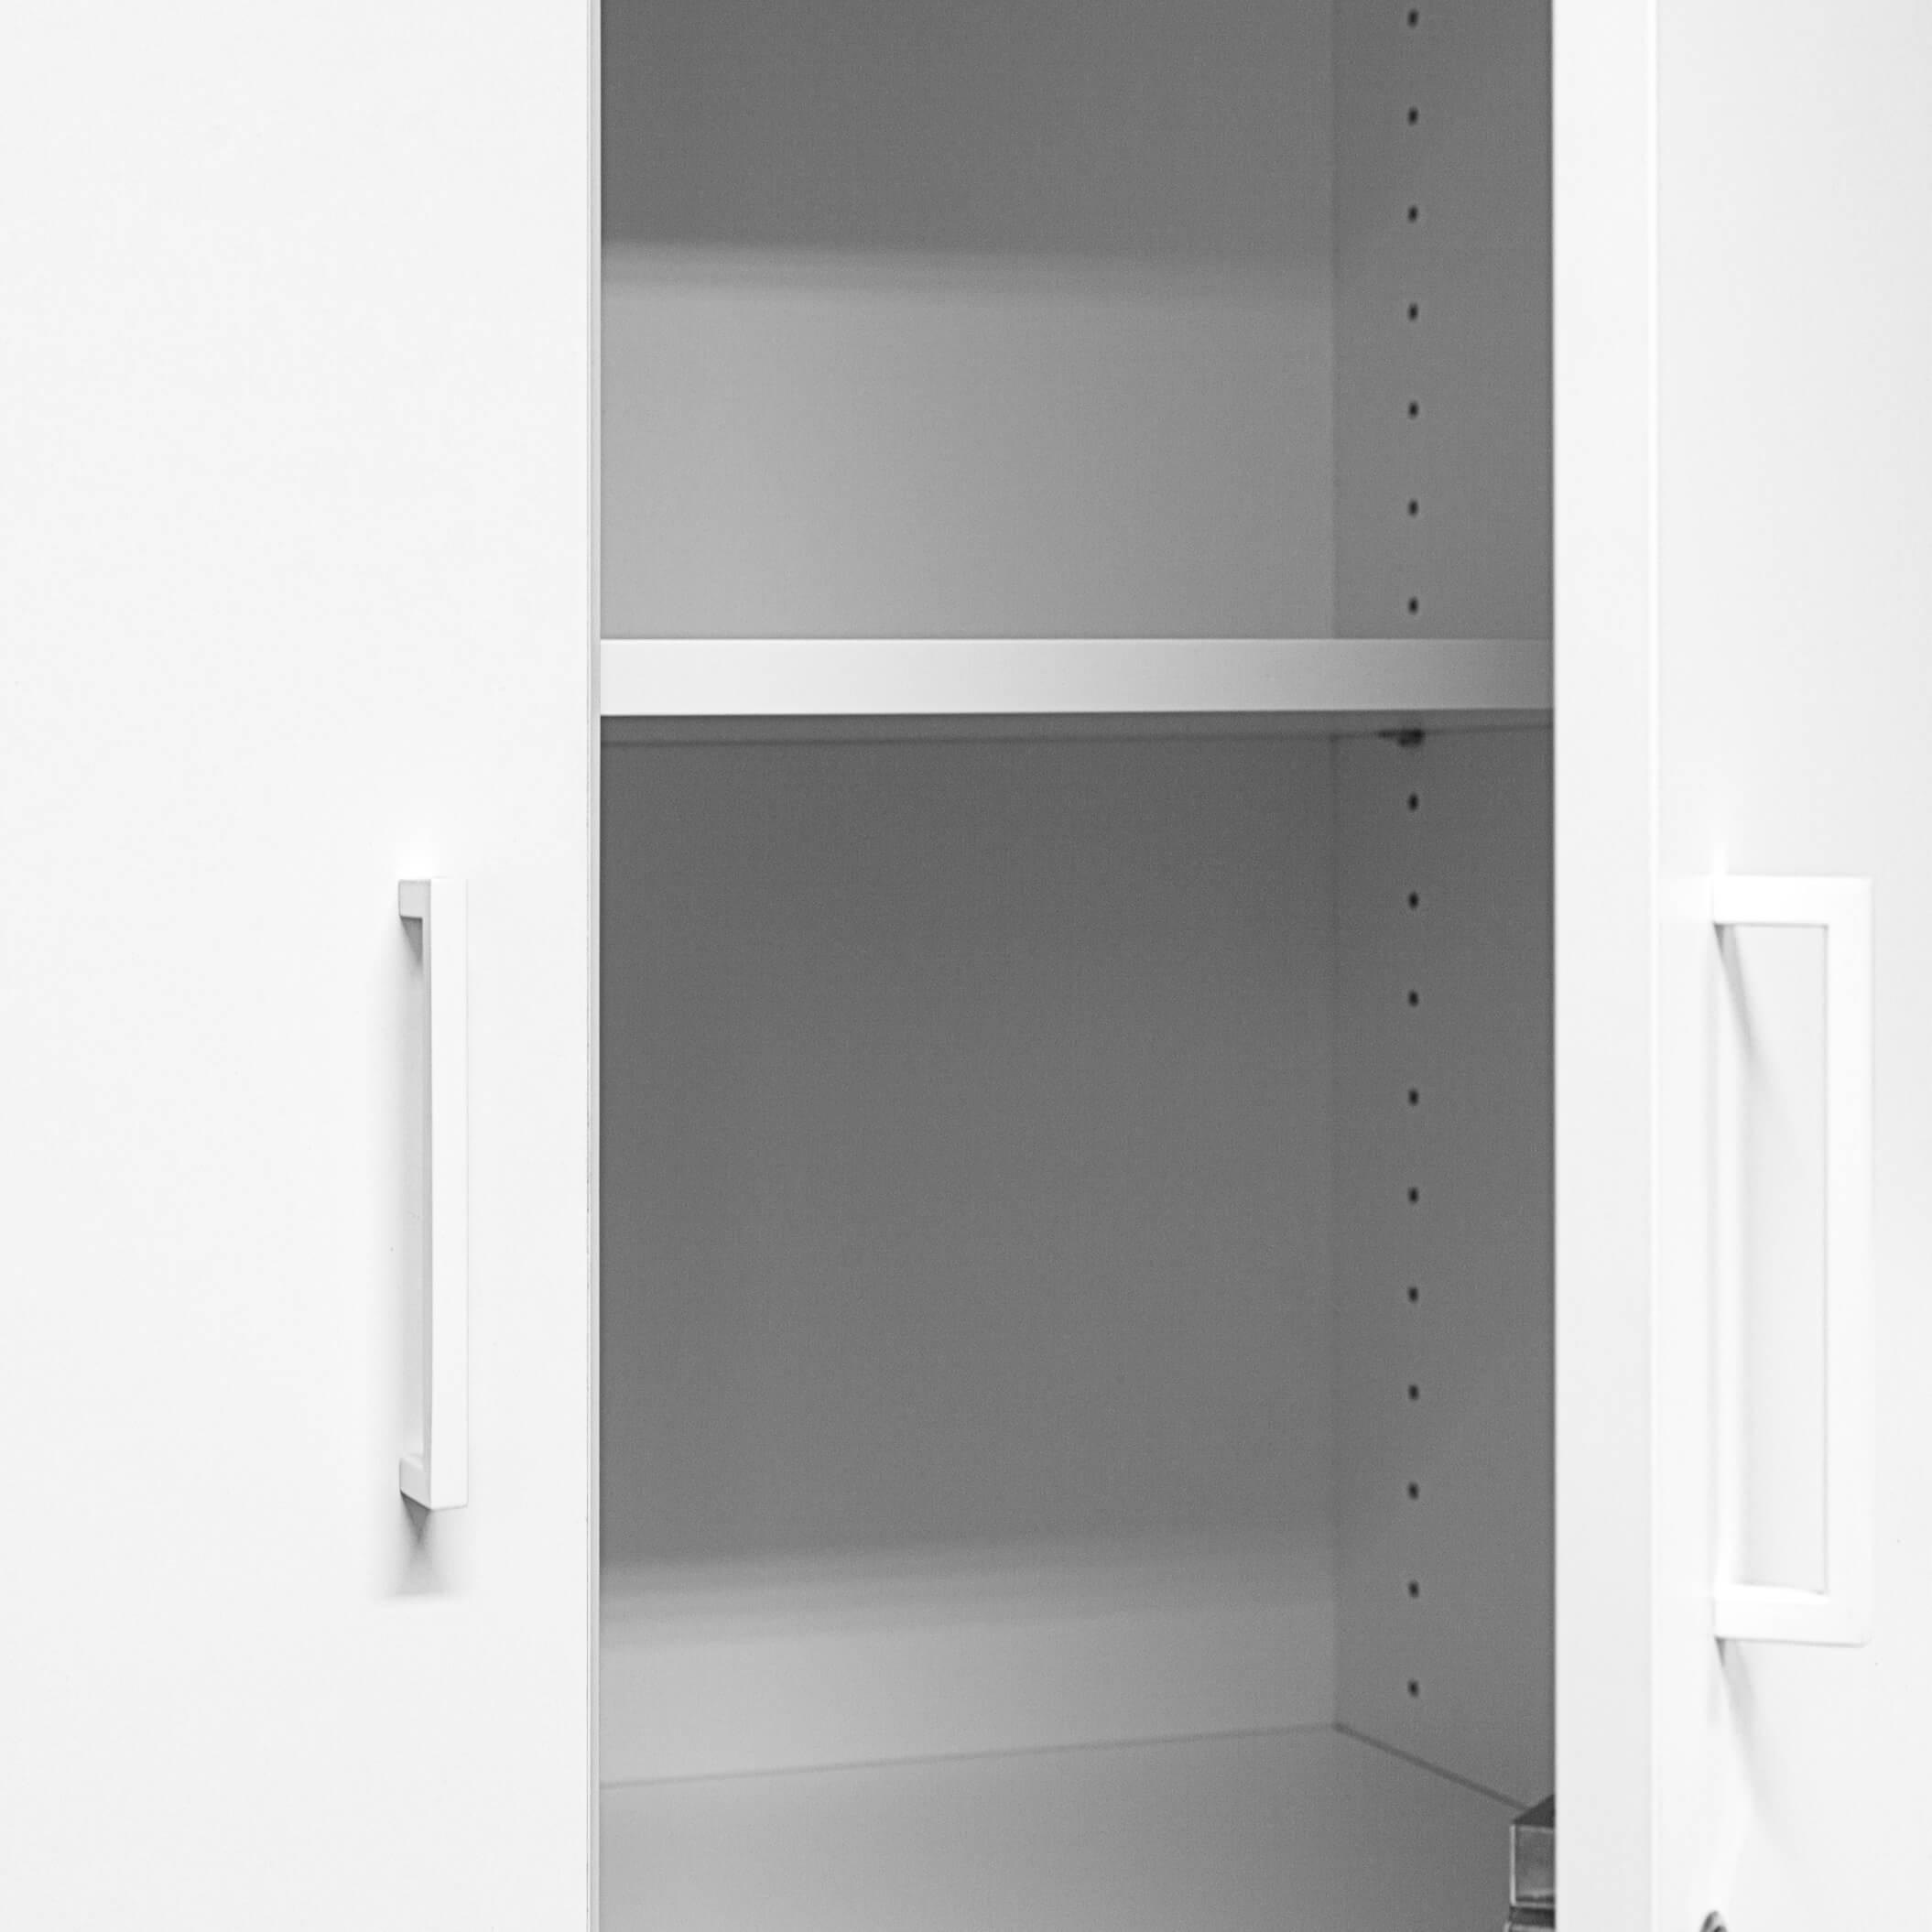 Details Zu Uni Aktenschrank Abschließbar 2oh Weiß Schrank Büroschrank Flügeltürenschrank